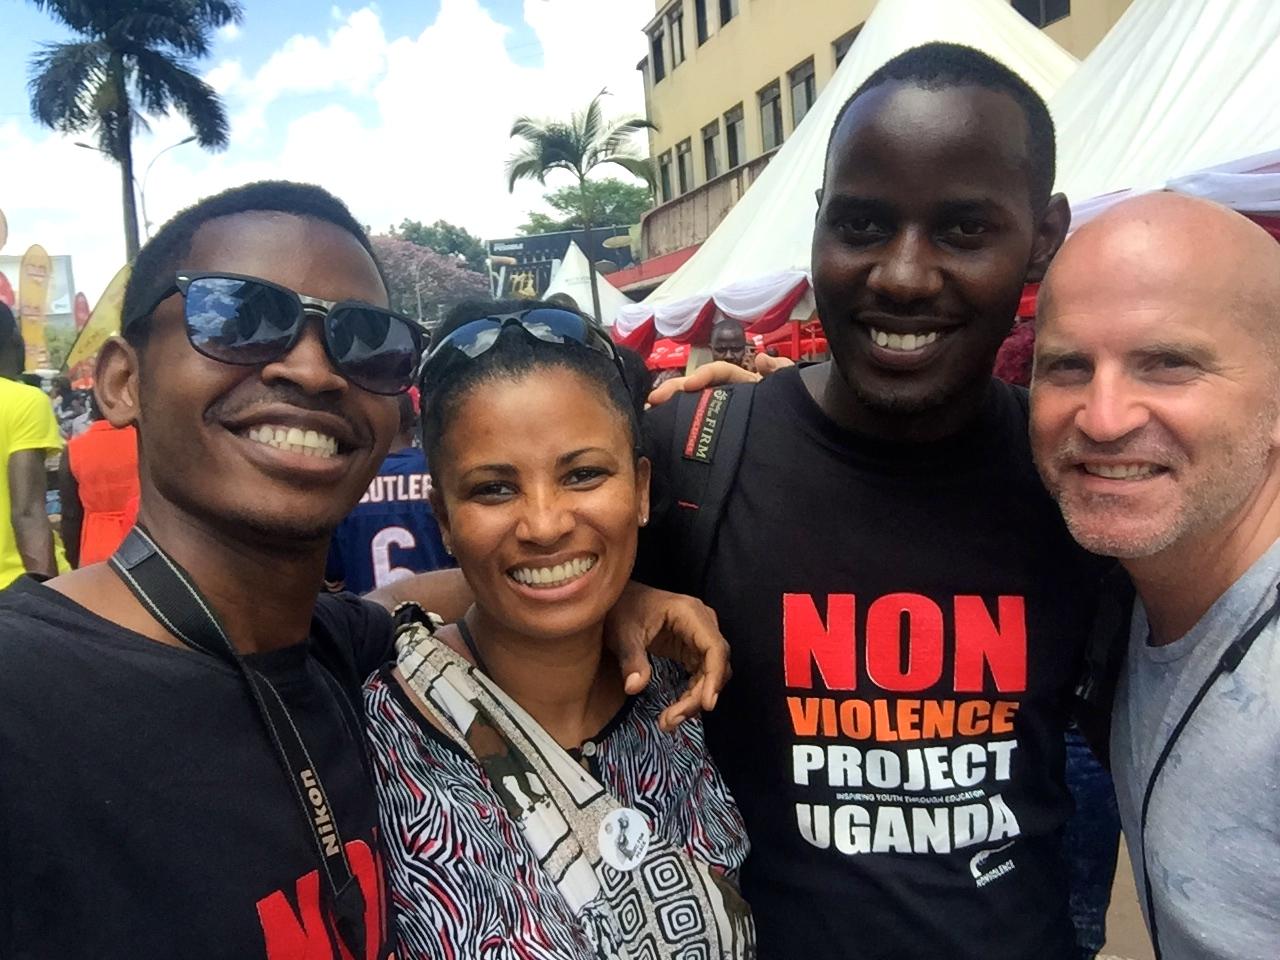 Non Violence ProjectUganda